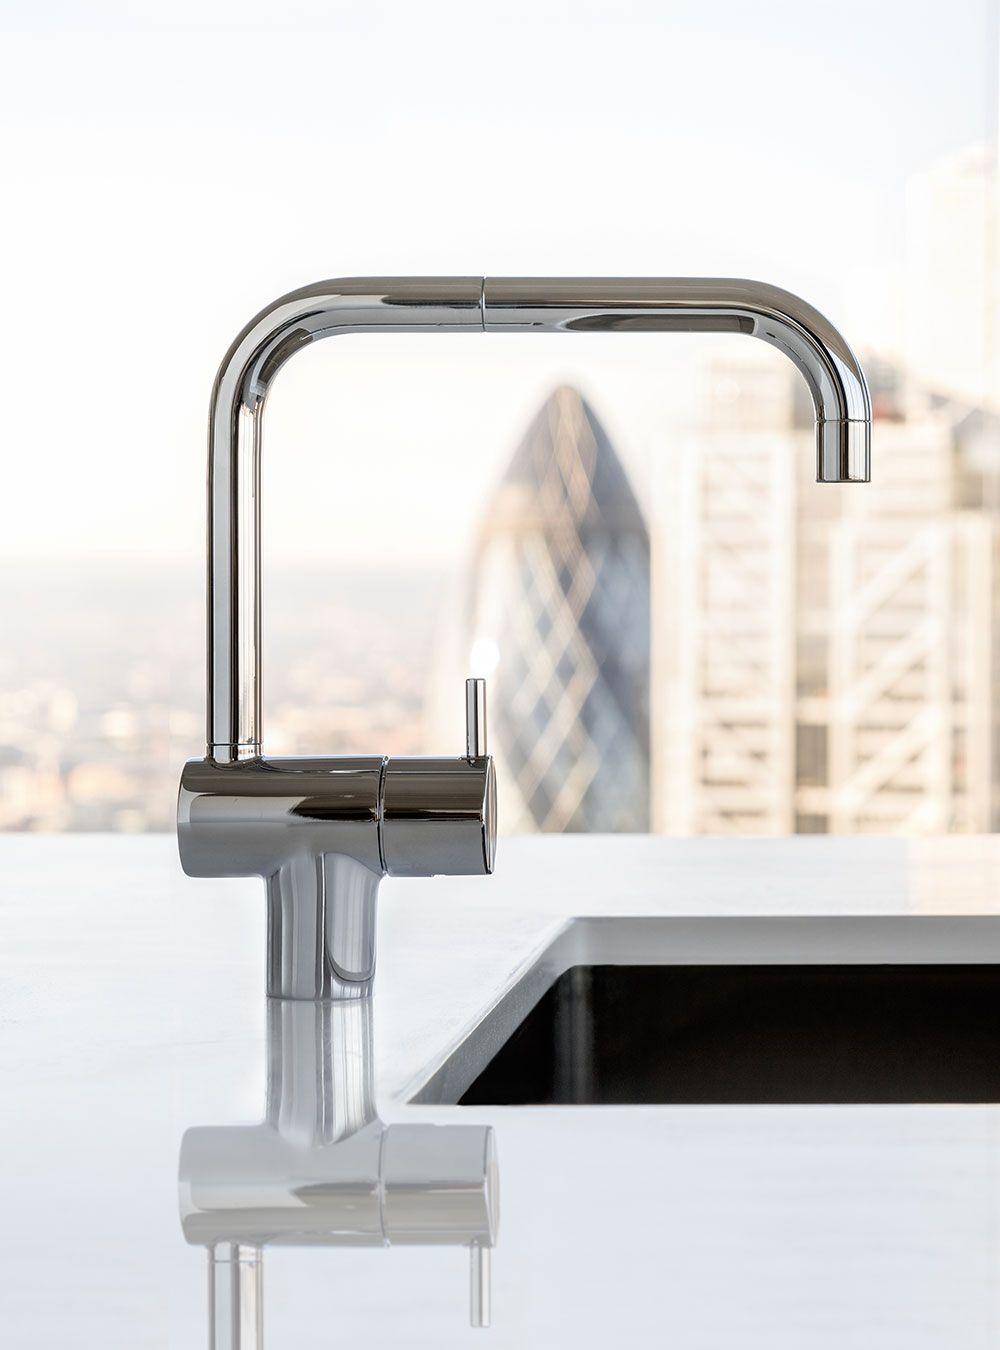 KV1: Et-grebsblander med keramisk ventilenhed, dobbelt svingbar tud med vandbesparende luftindblander....